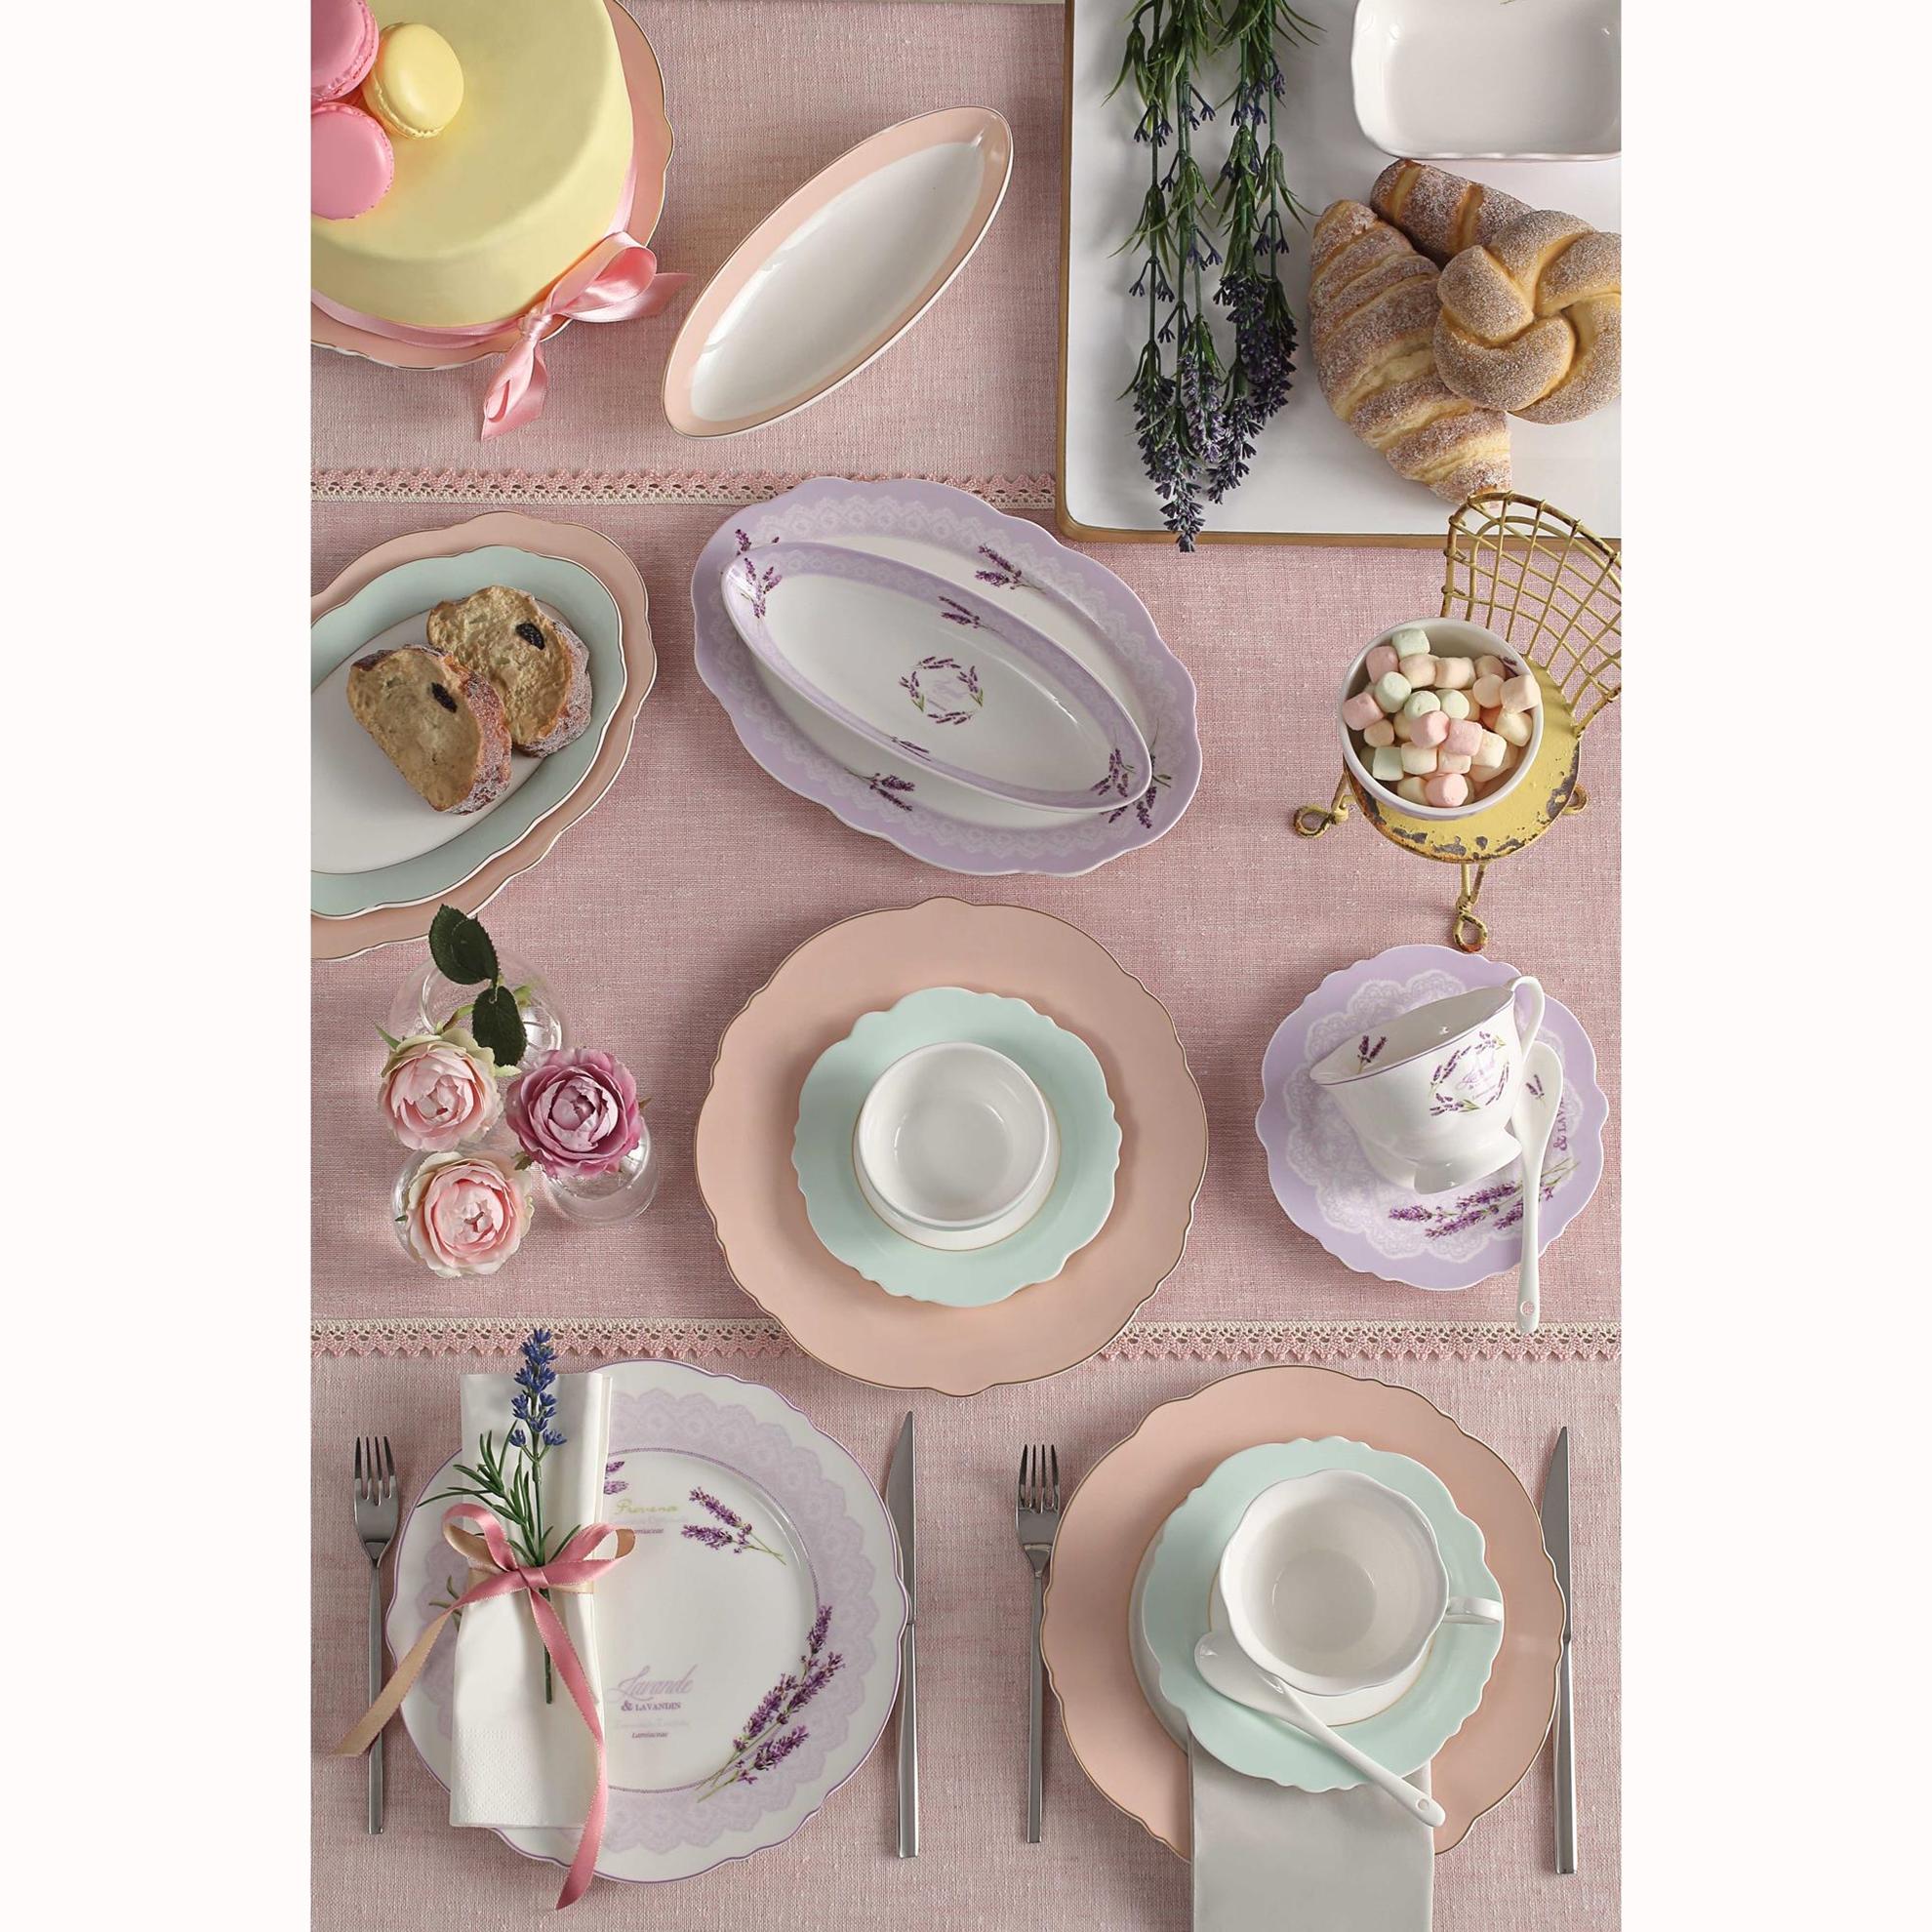 resm Bianca Luna Elegante 6 Kişilik 39 Parça Kahvaltı Takımı